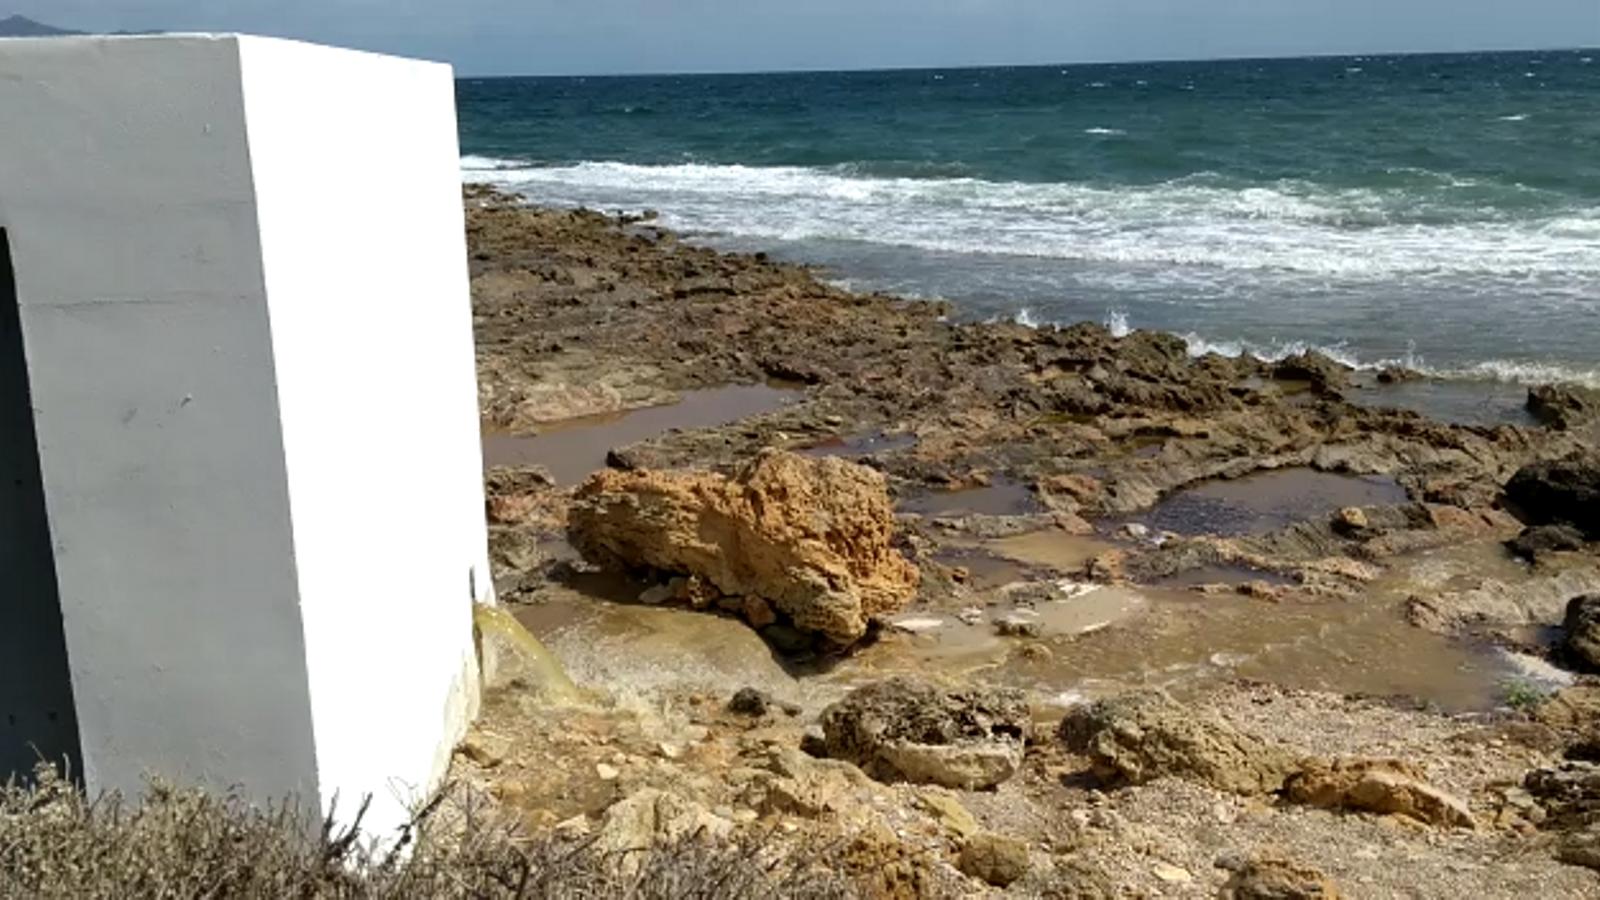 Veïns de Can Picafort denuncien l'abocament d'aigües residuals al mar aprofitat el temporal